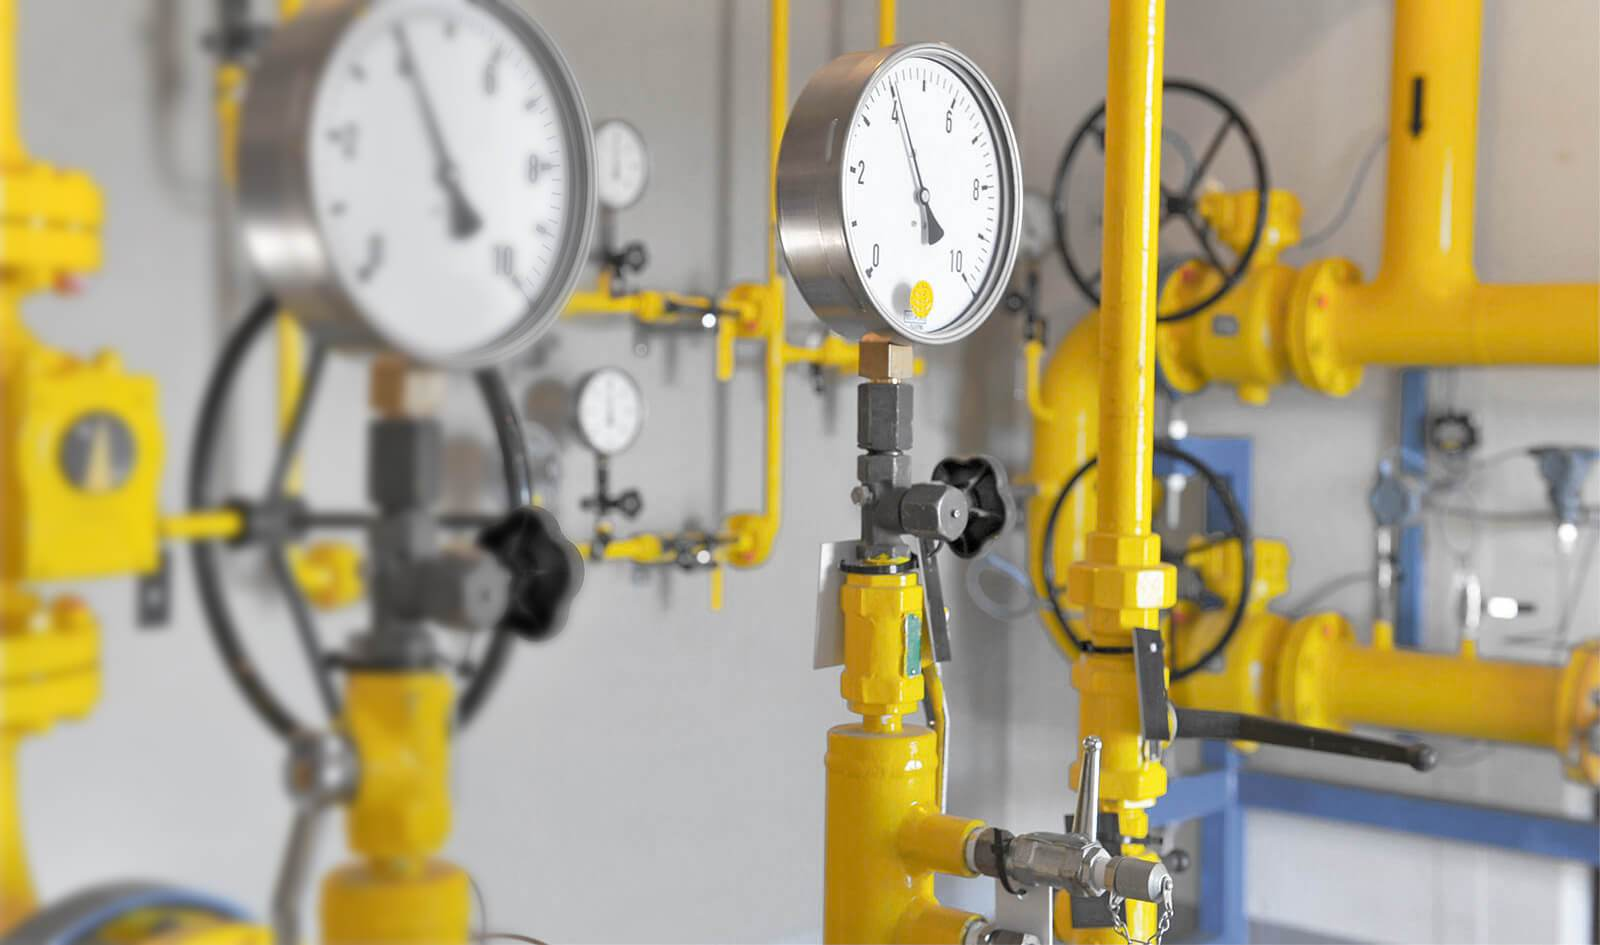 Диагностика внутридомового газового оборудования — что это?